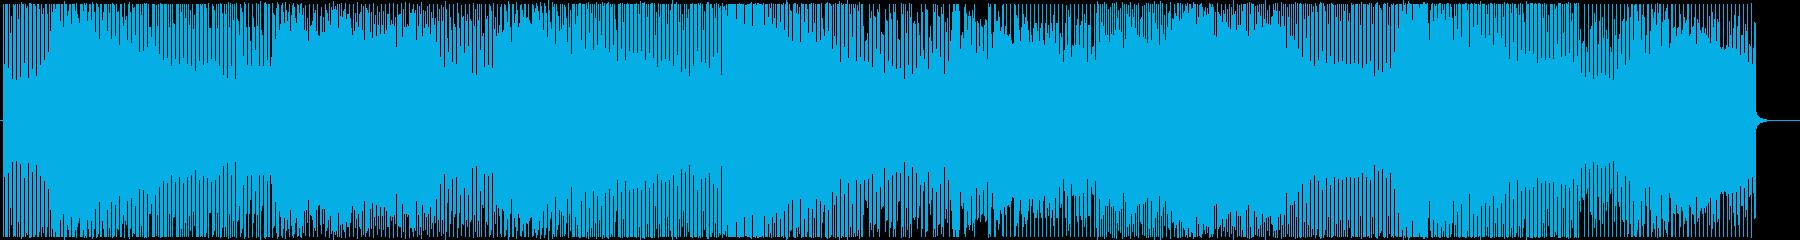 デジタル四つ打ちクールハウスの再生済みの波形